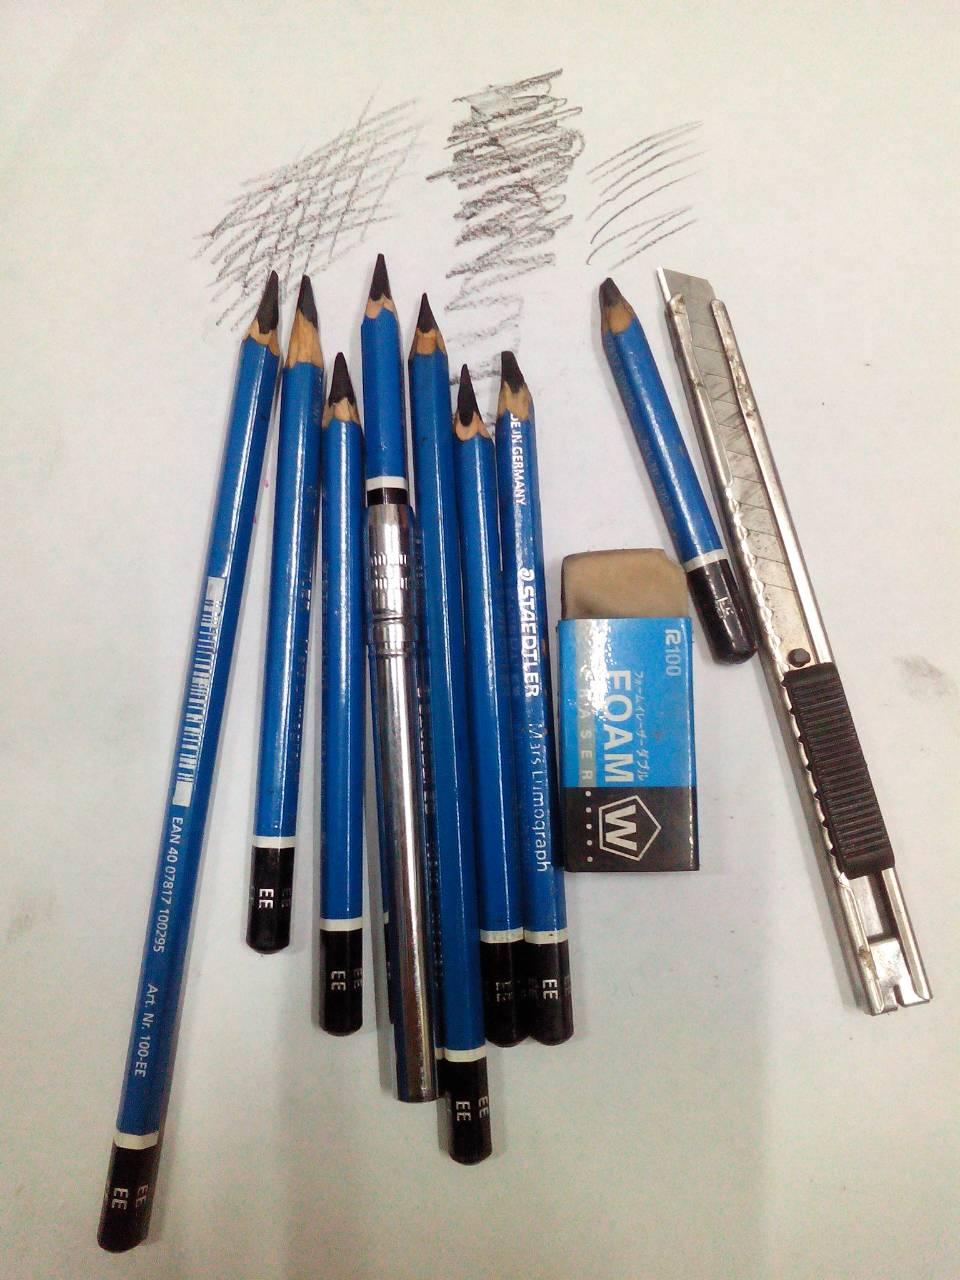 วาดล้อเลียนลายเส้นขาวดำ วาดภาพเหมือนลายเส้นขาวดำ วาดมือสีน้ำส่งฟรี วาดลายเส้นดินสอการ์ตูน วาดภาพเหมือนขาวดำราคาถูก